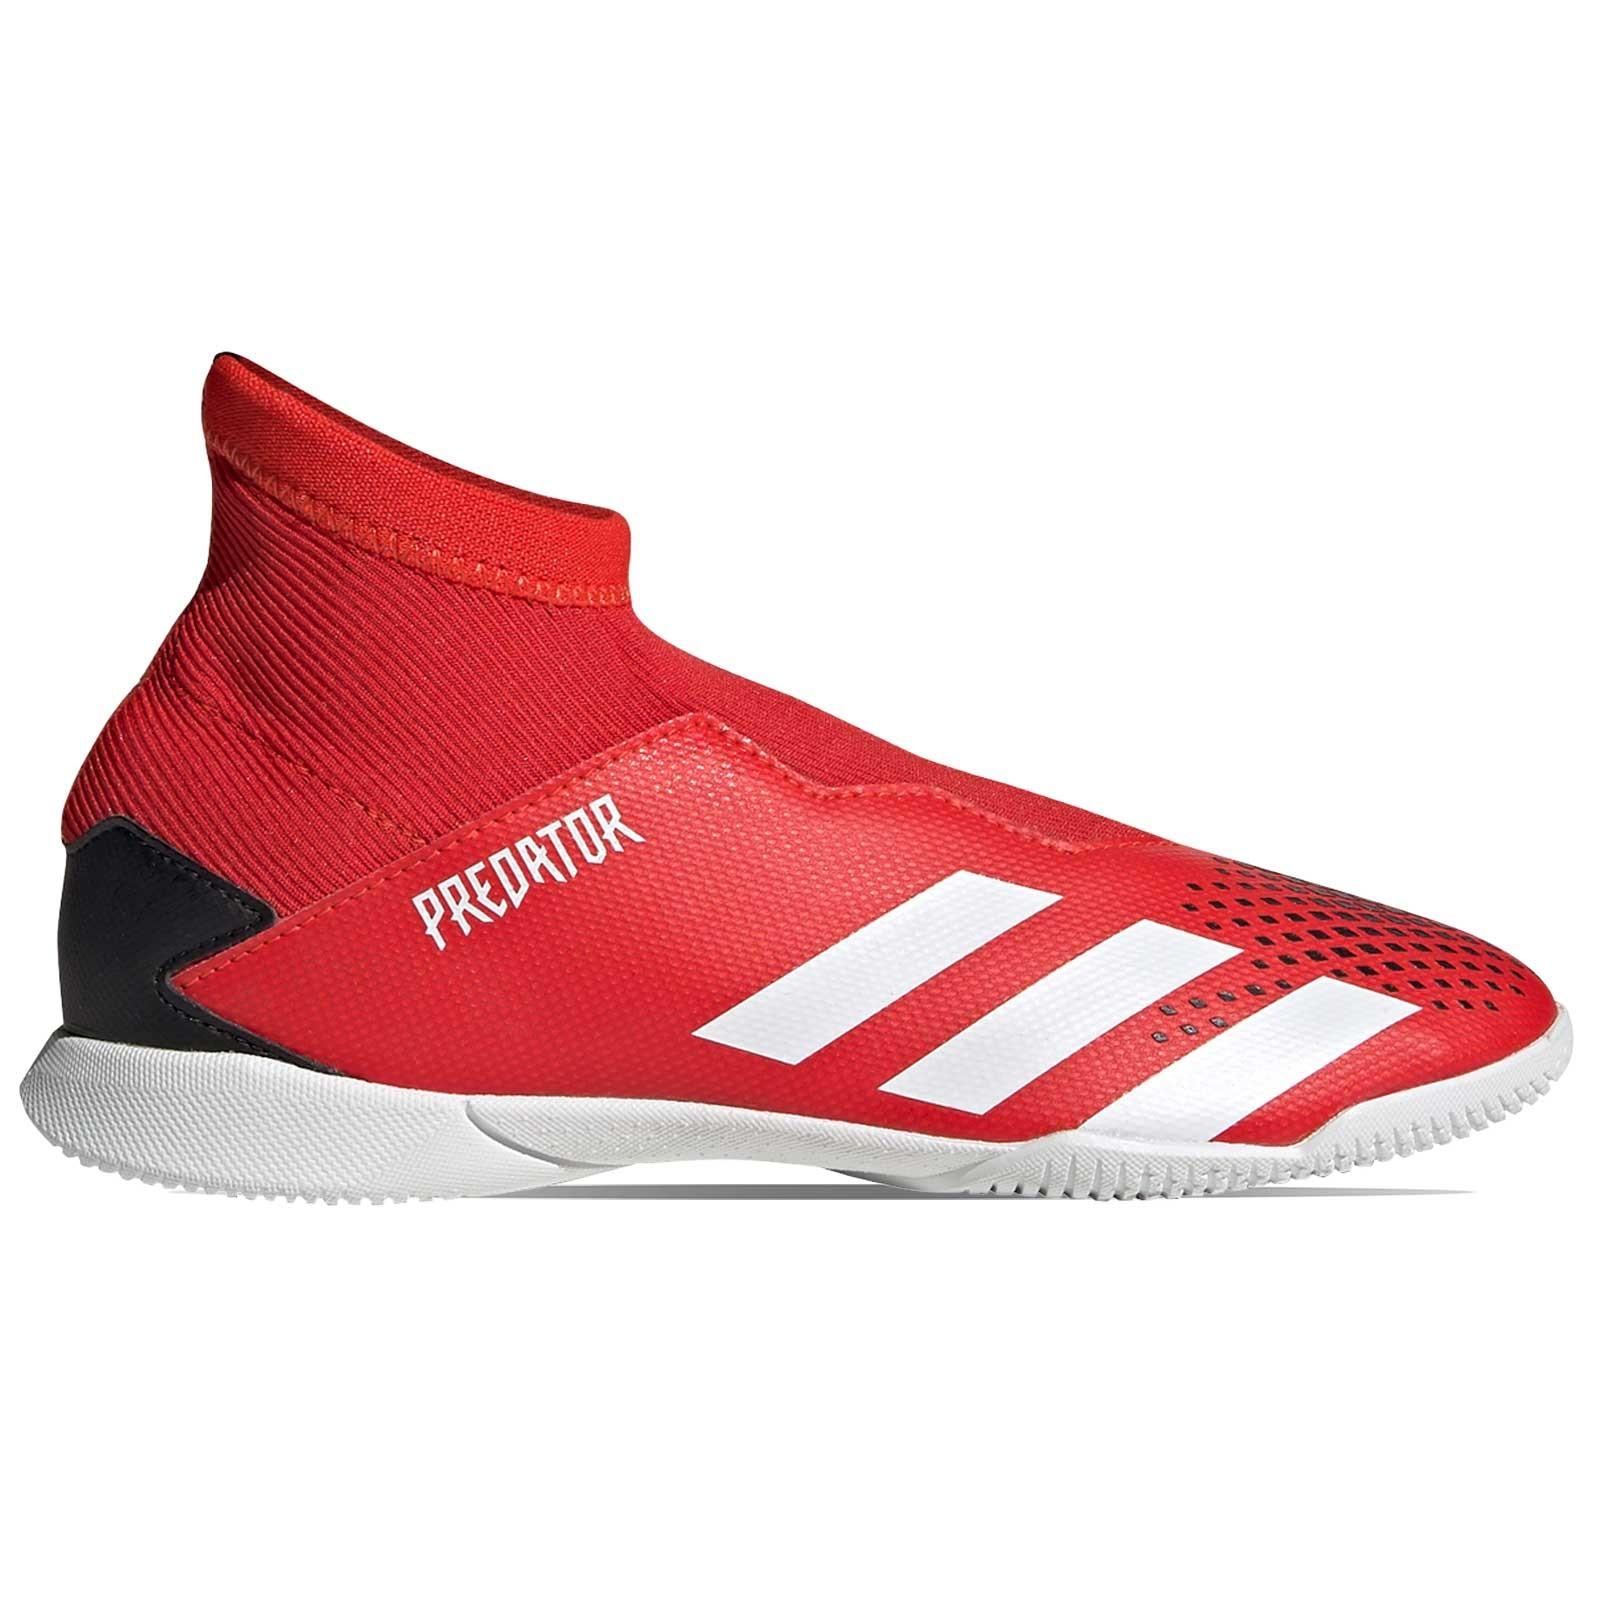 Buty piłkarskie halówki Adidas X 19.3 IN JR EG7170 Halowe